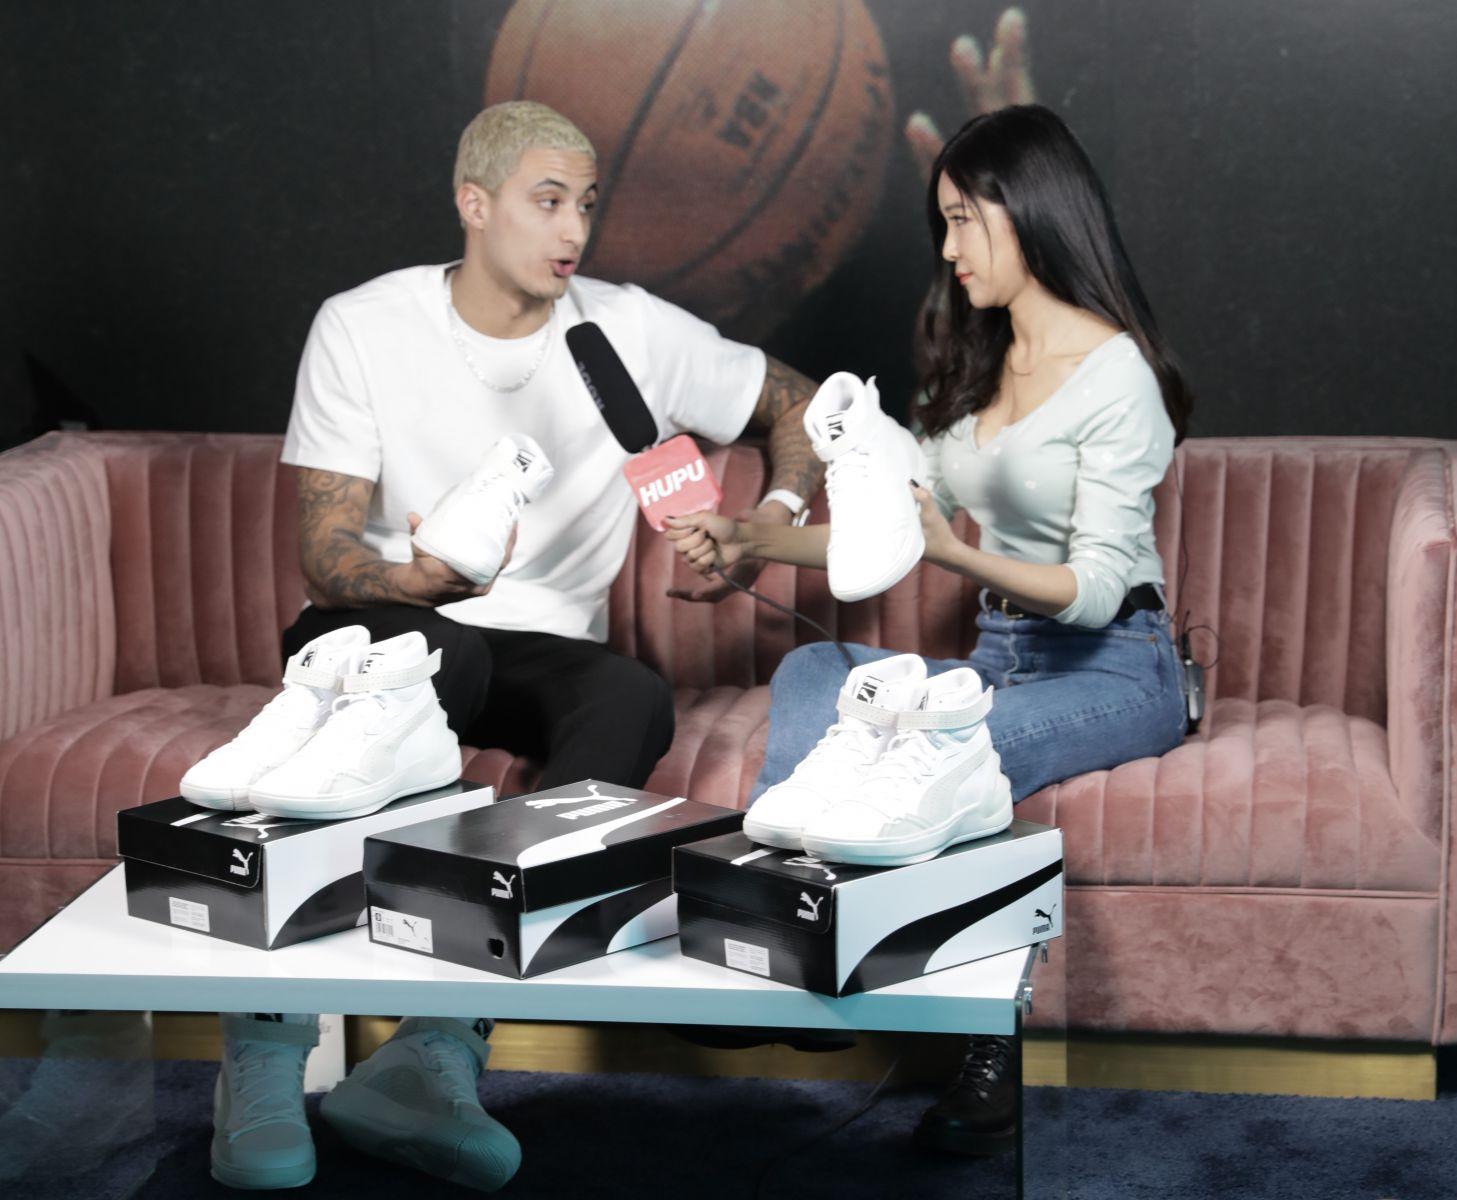 虎扑专访库兹马:对球队未来充满信心,出签名鞋提上日程